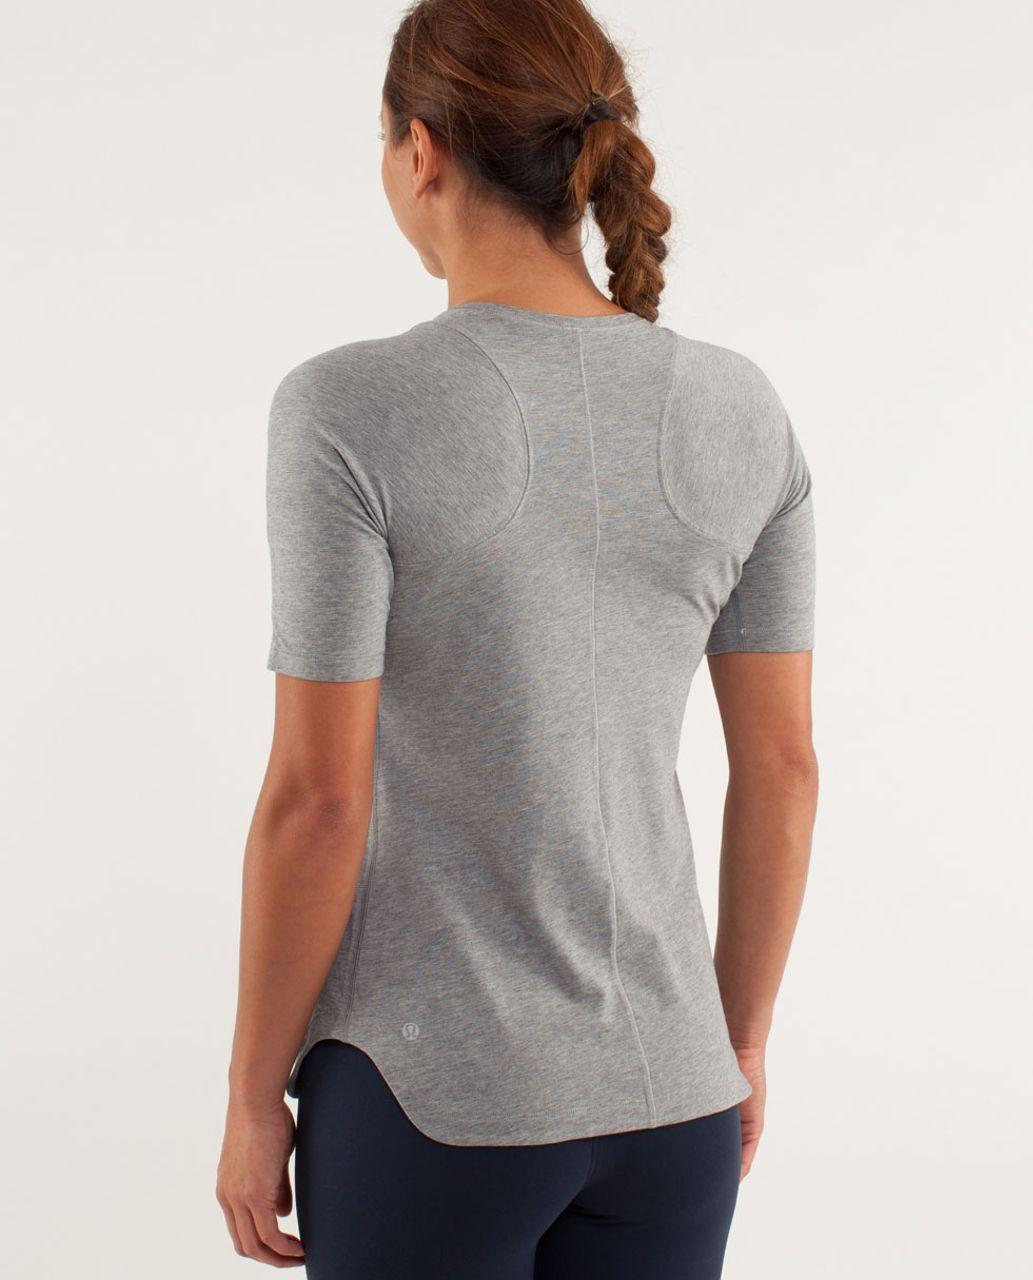 Lululemon Clari-Tee Short Sleeve - Vintage Sports Grey